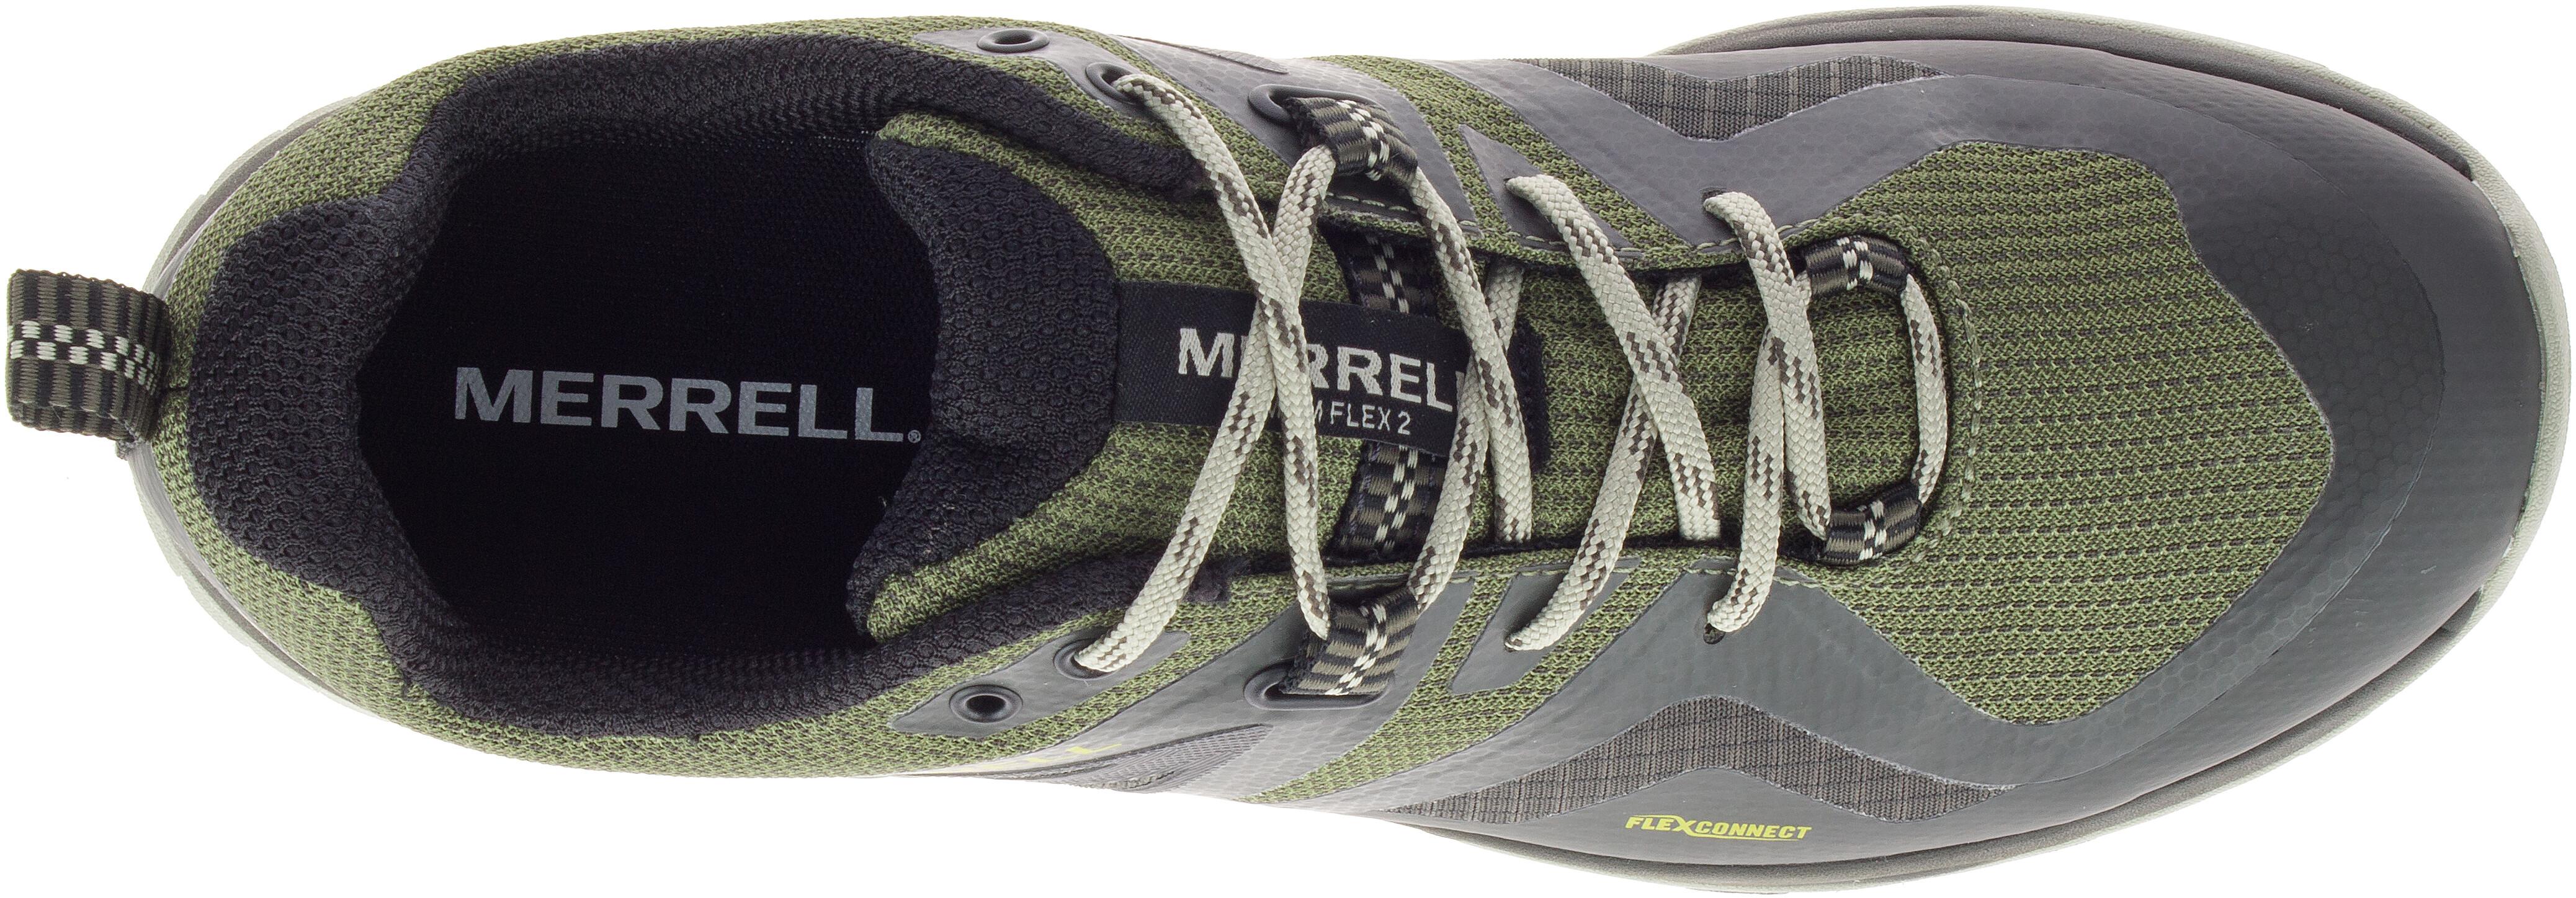 Merrell MQM FLEX 2 GTX Chaussures Pour Homme Chaussures de marche-Lichen Toutes Tailles